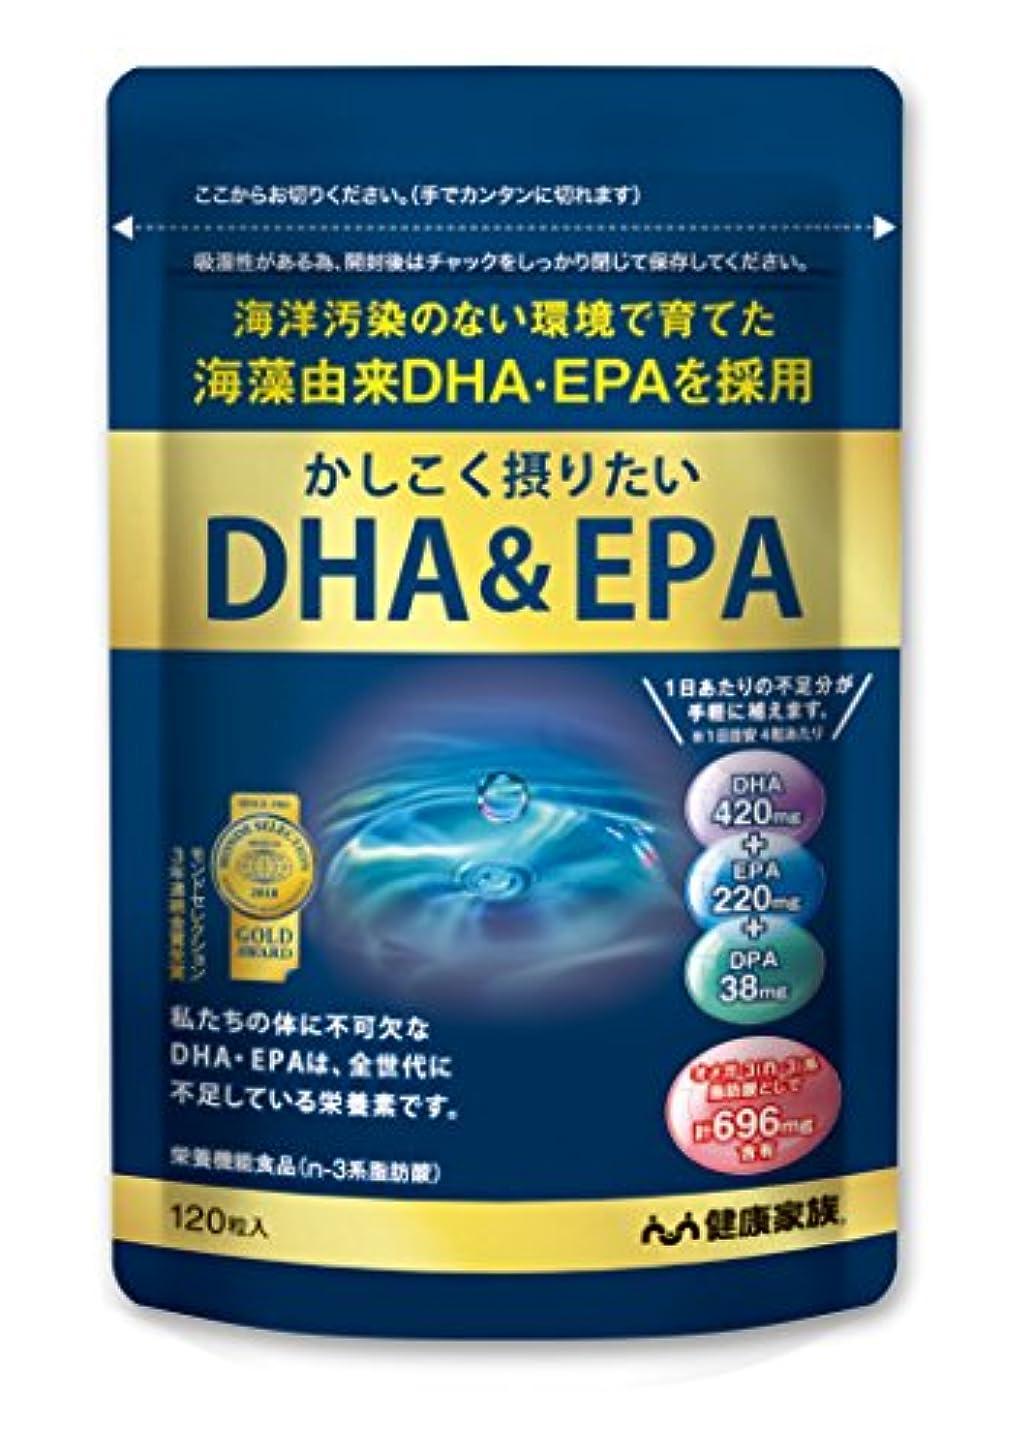 ヘロイン高尚な野菜【健康家族】 かしこく摂りたいDHA&EPA (1粒の内容量334mg×120粒)